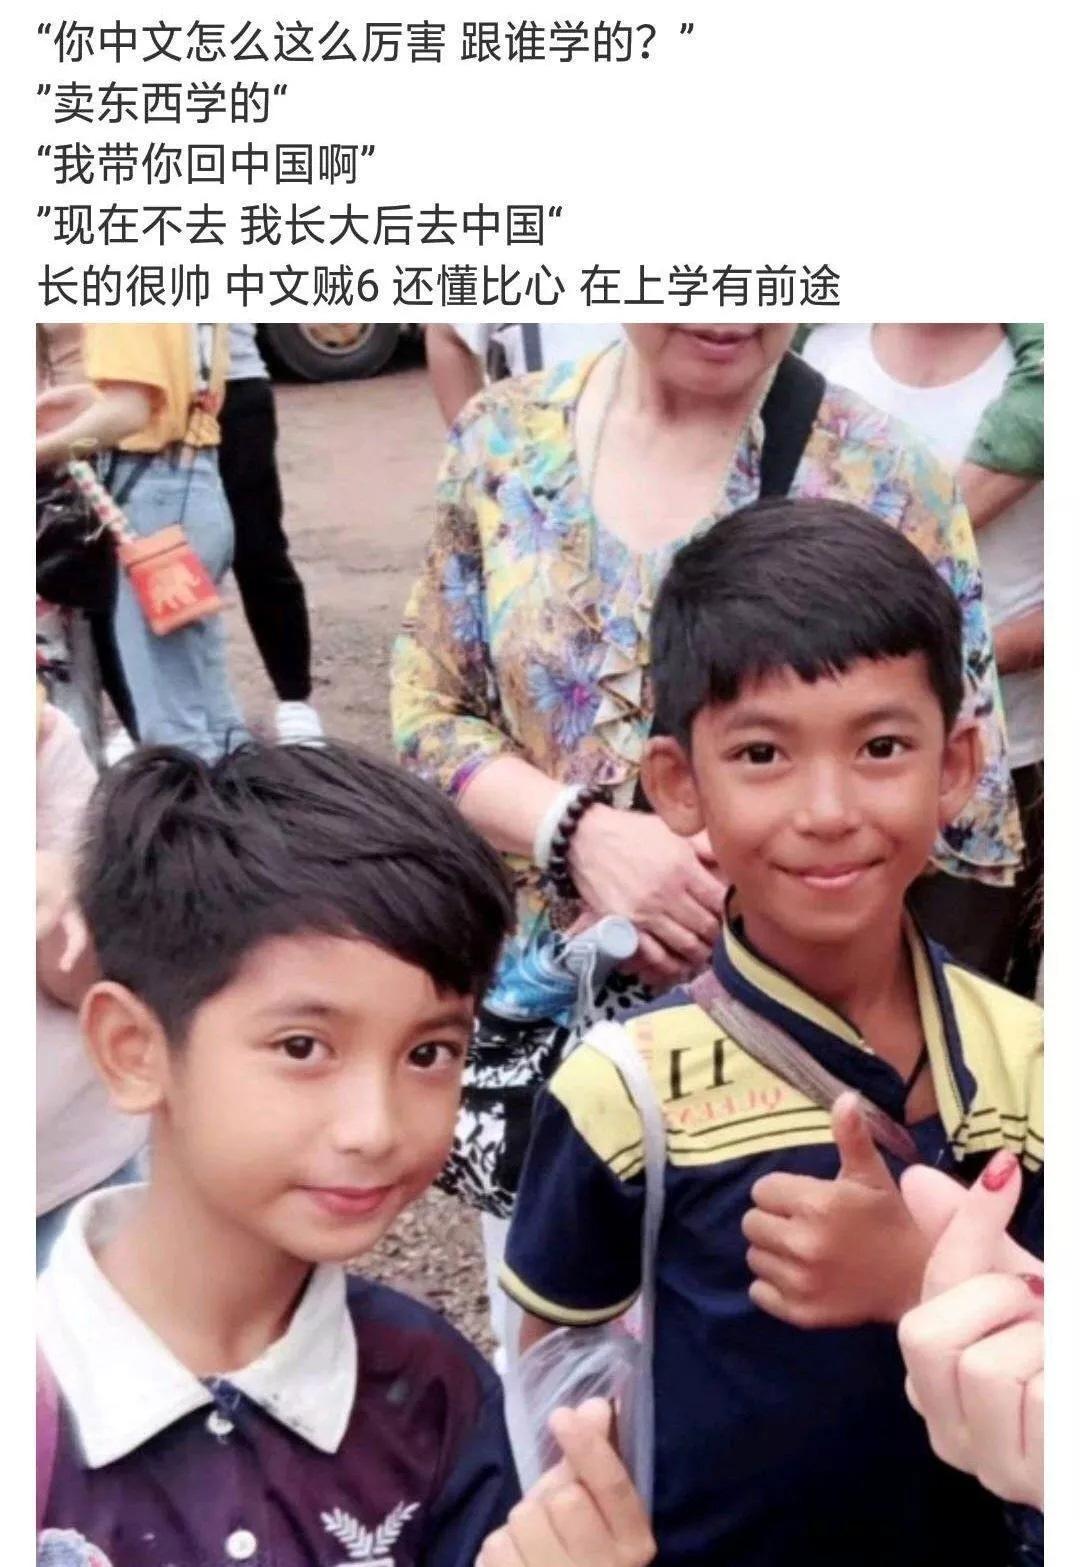 小男孩会15国语言只为讨生活,背后的故事令人心酸